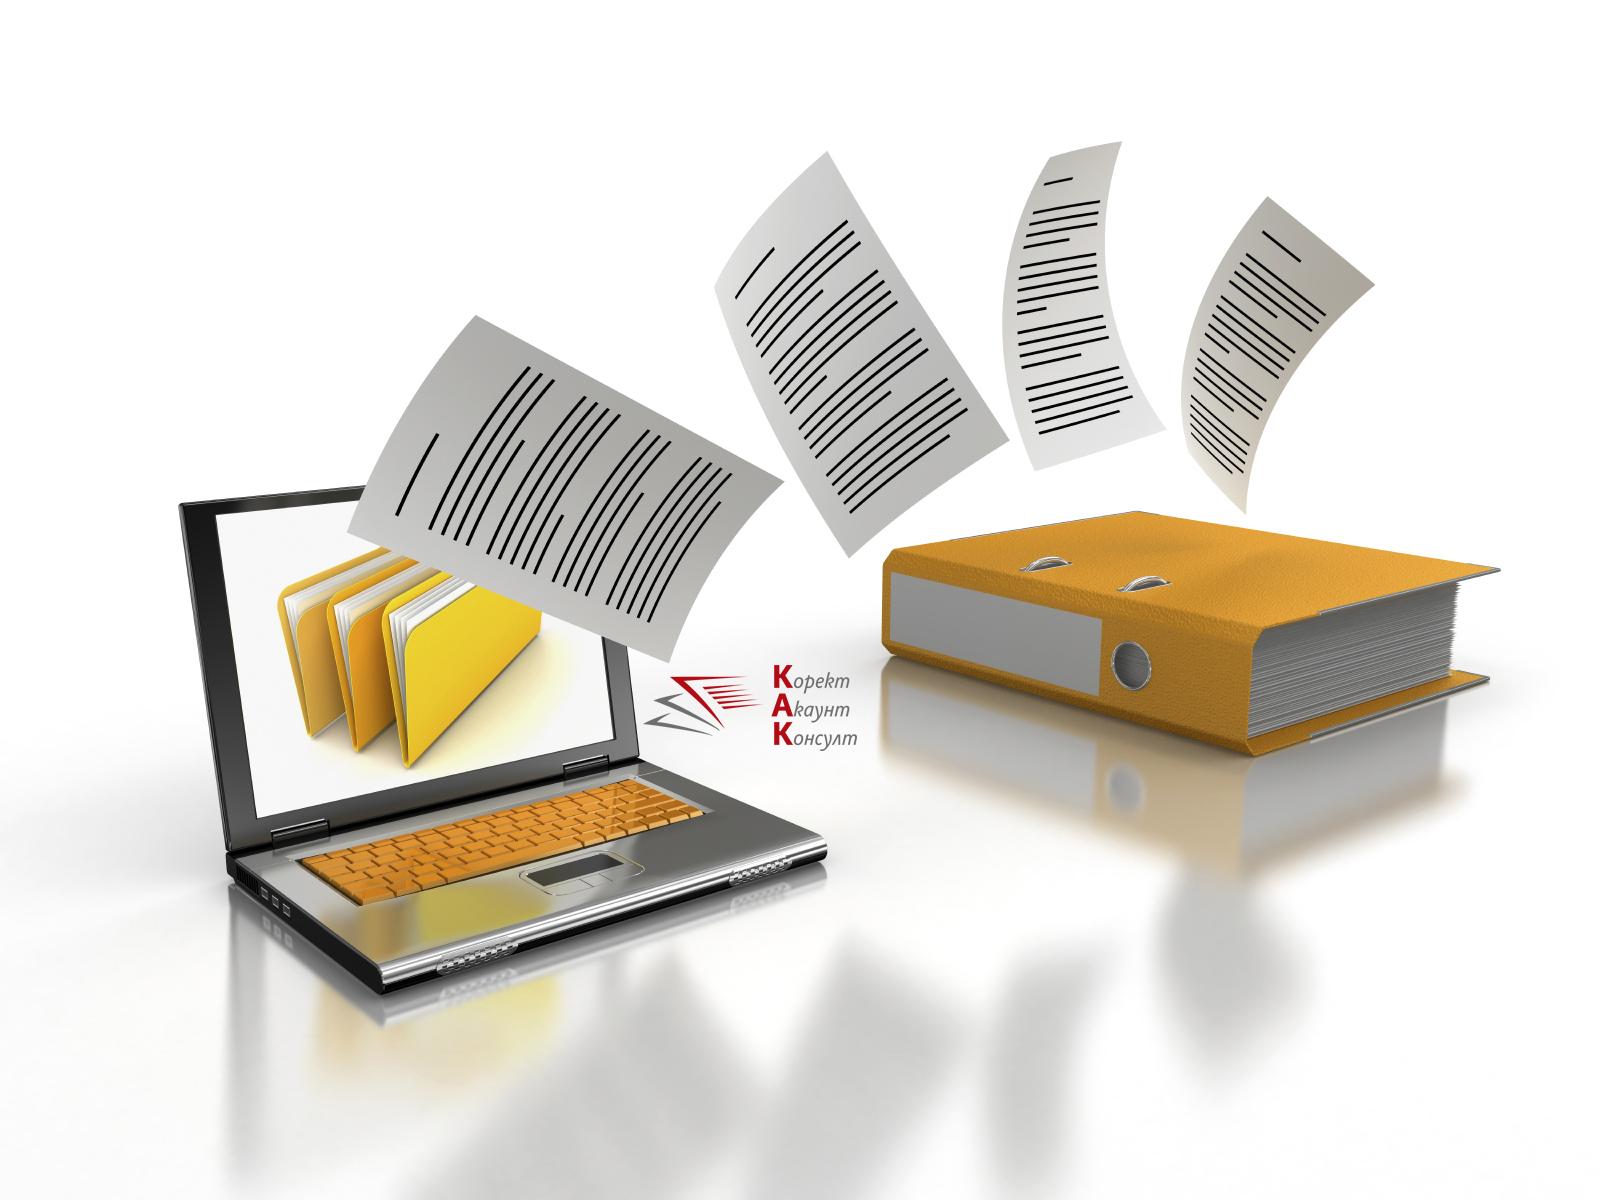 Публикувана е структура и формат на файловете за подаване на данни в електронен вид за Декларация обр. № 1